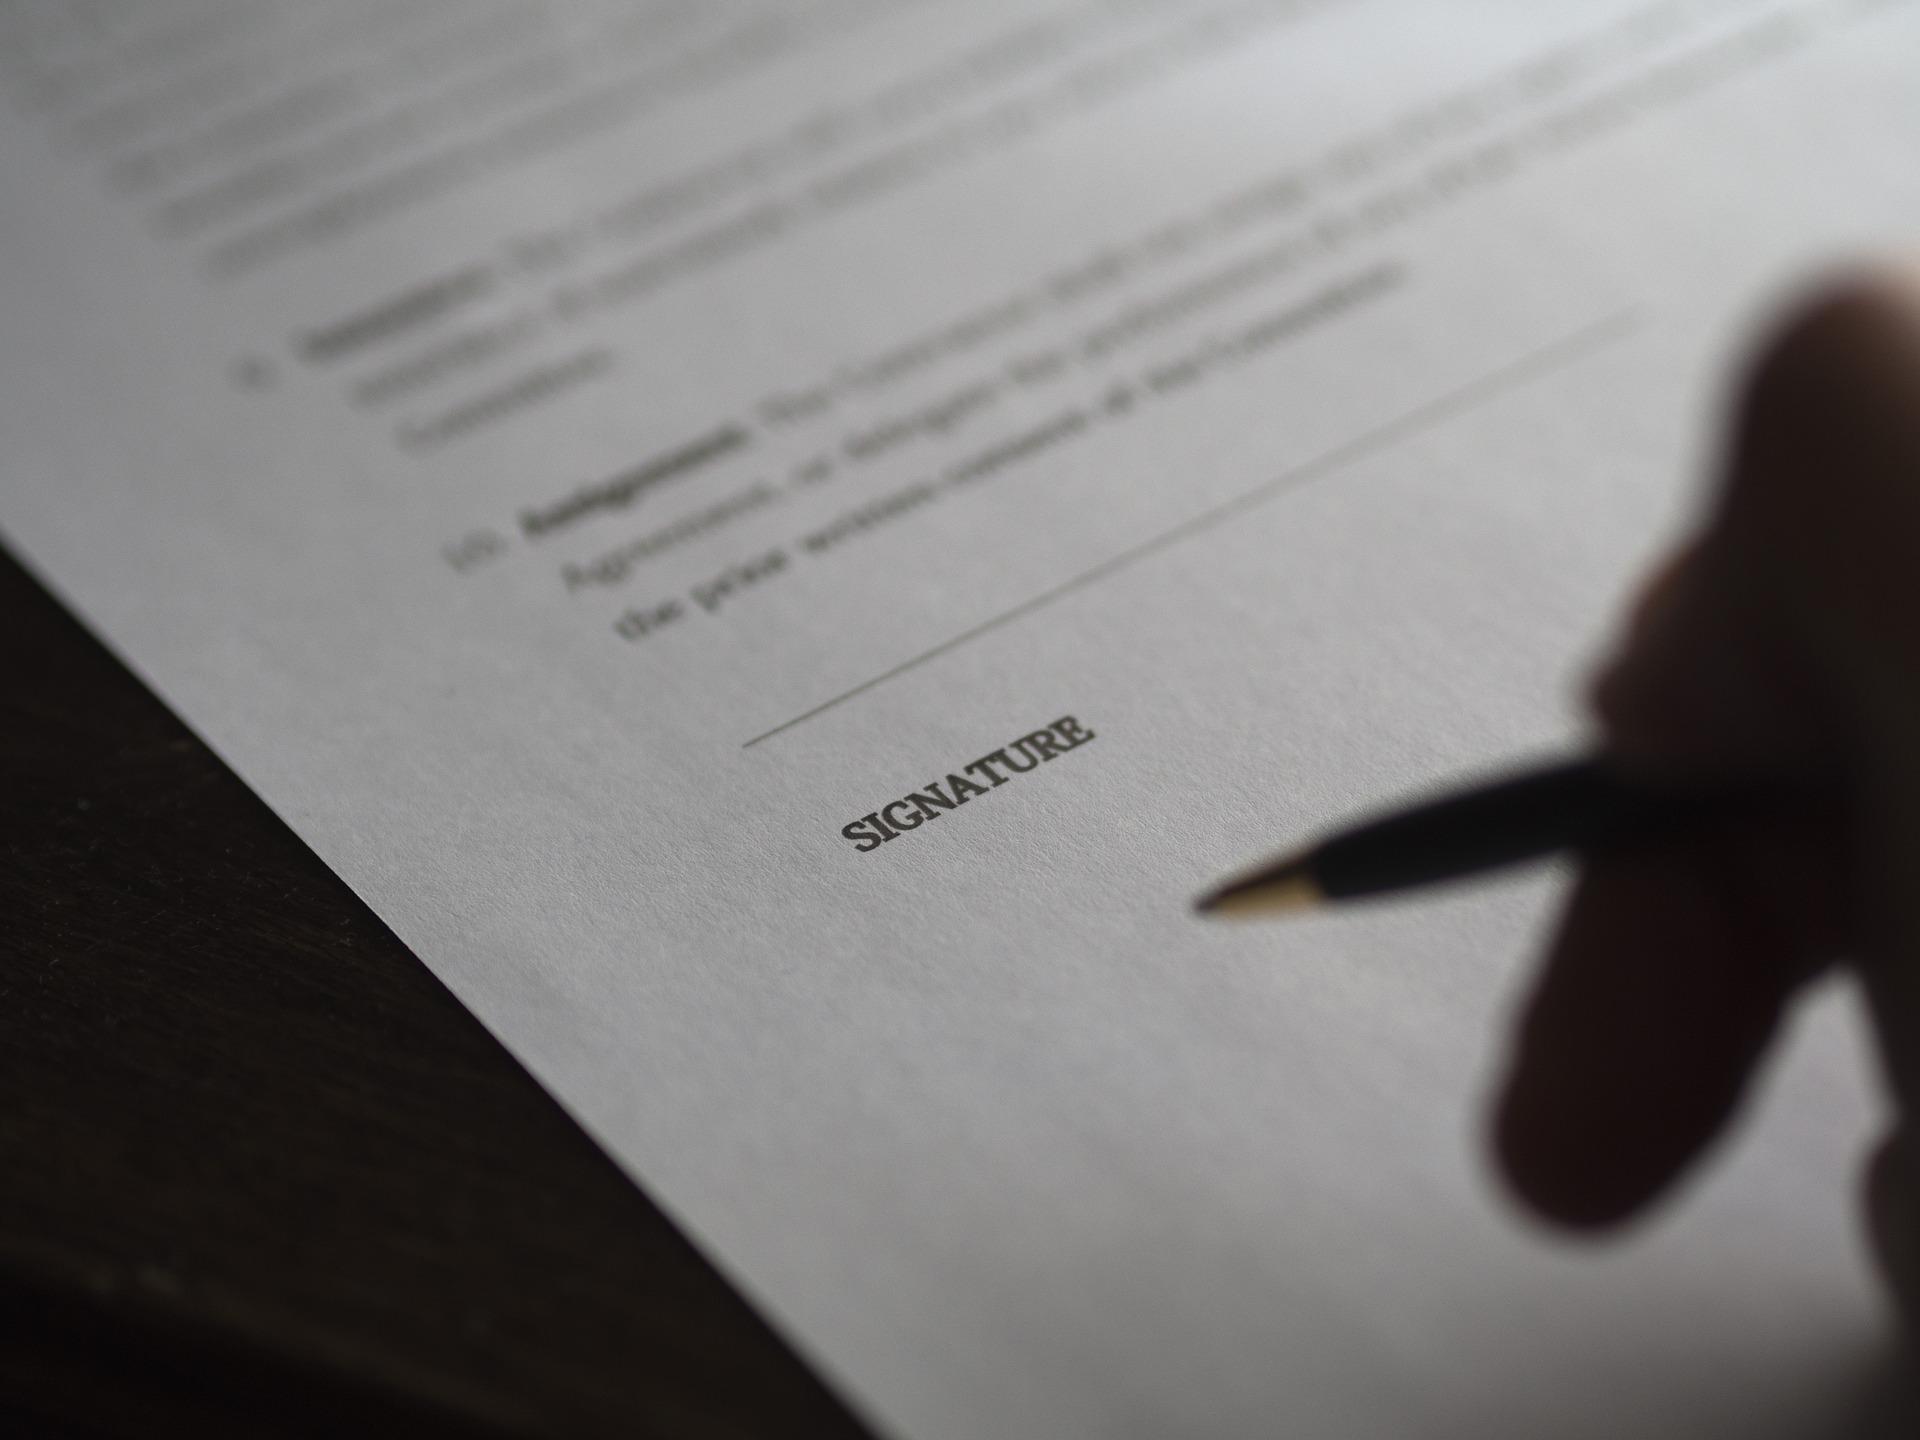 Foto da mão de uma pessoa com uma caneta, próximo de um contrato.  Imagem ilustrativa para o texto incêndio e vandalismo.